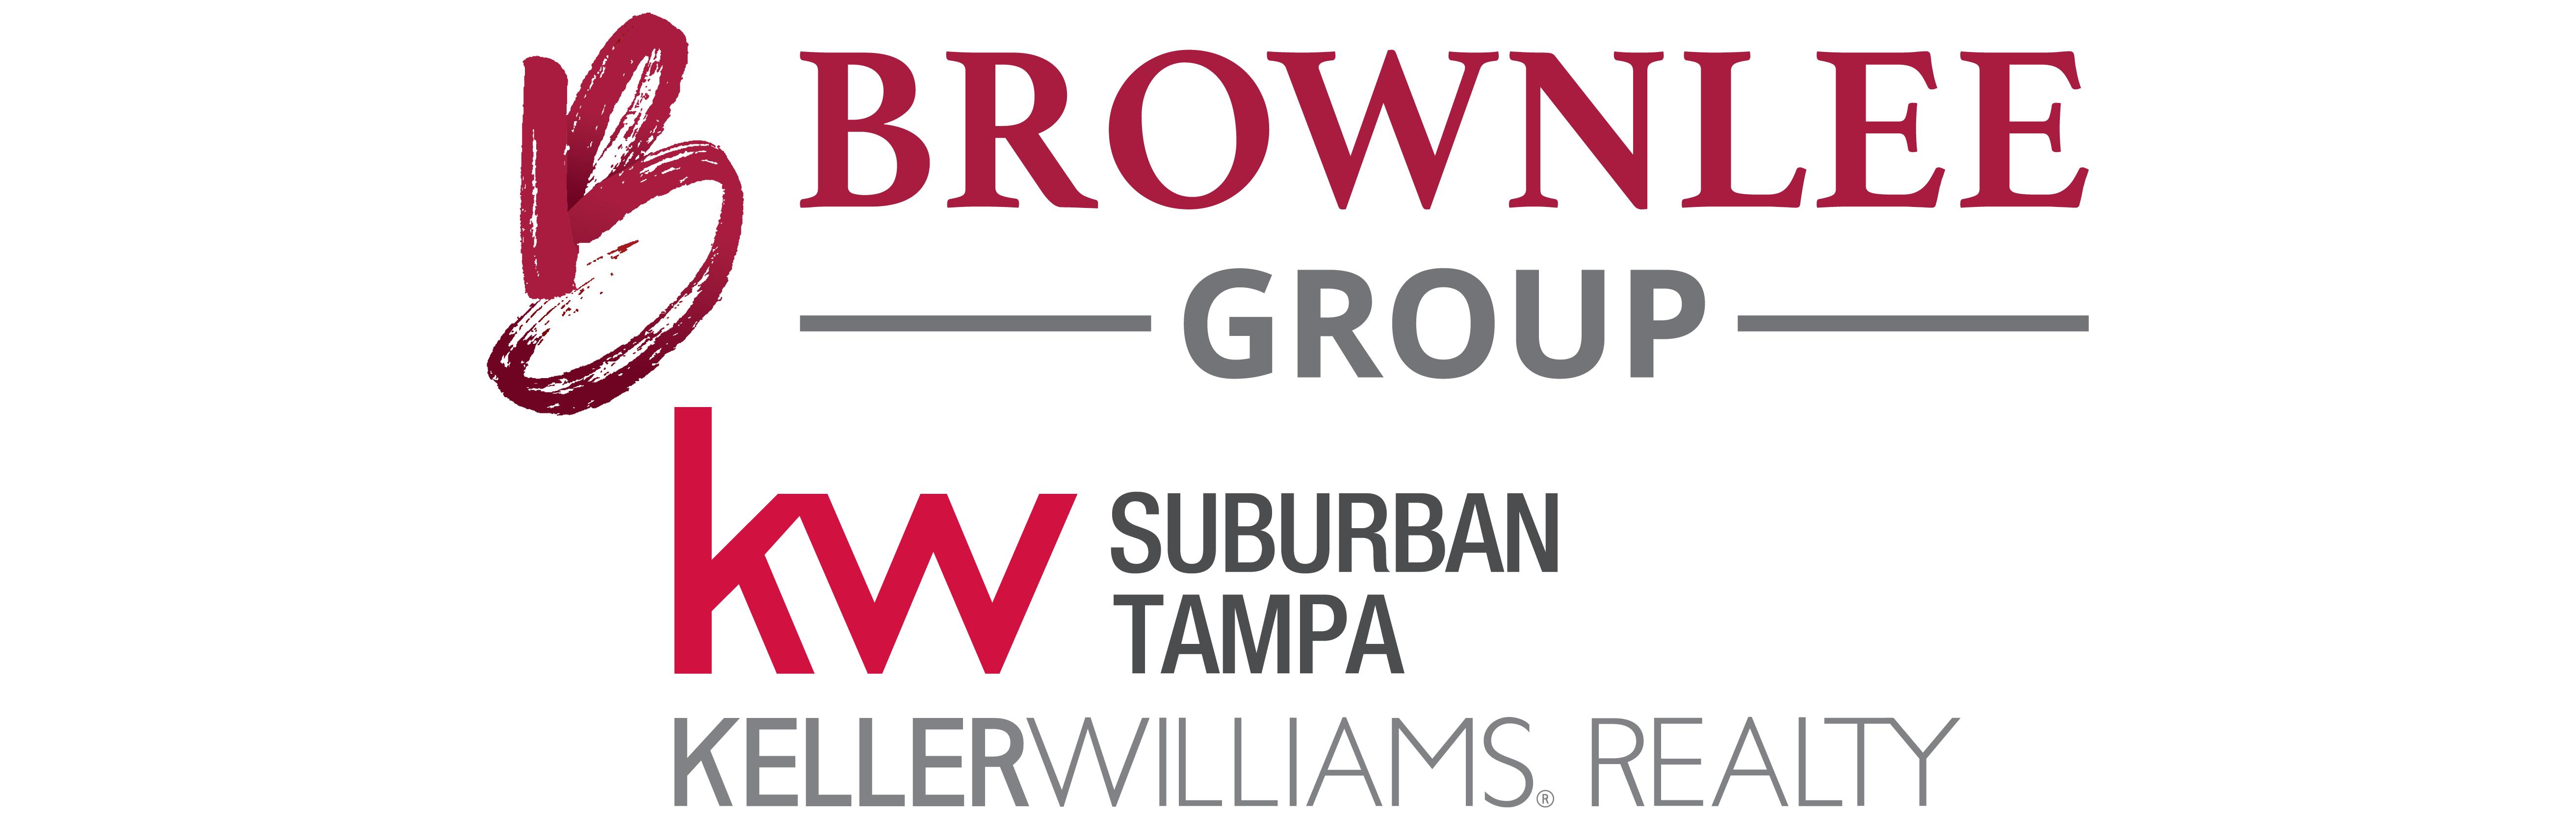 Brownlee Group -  Keller Williams Realty logo